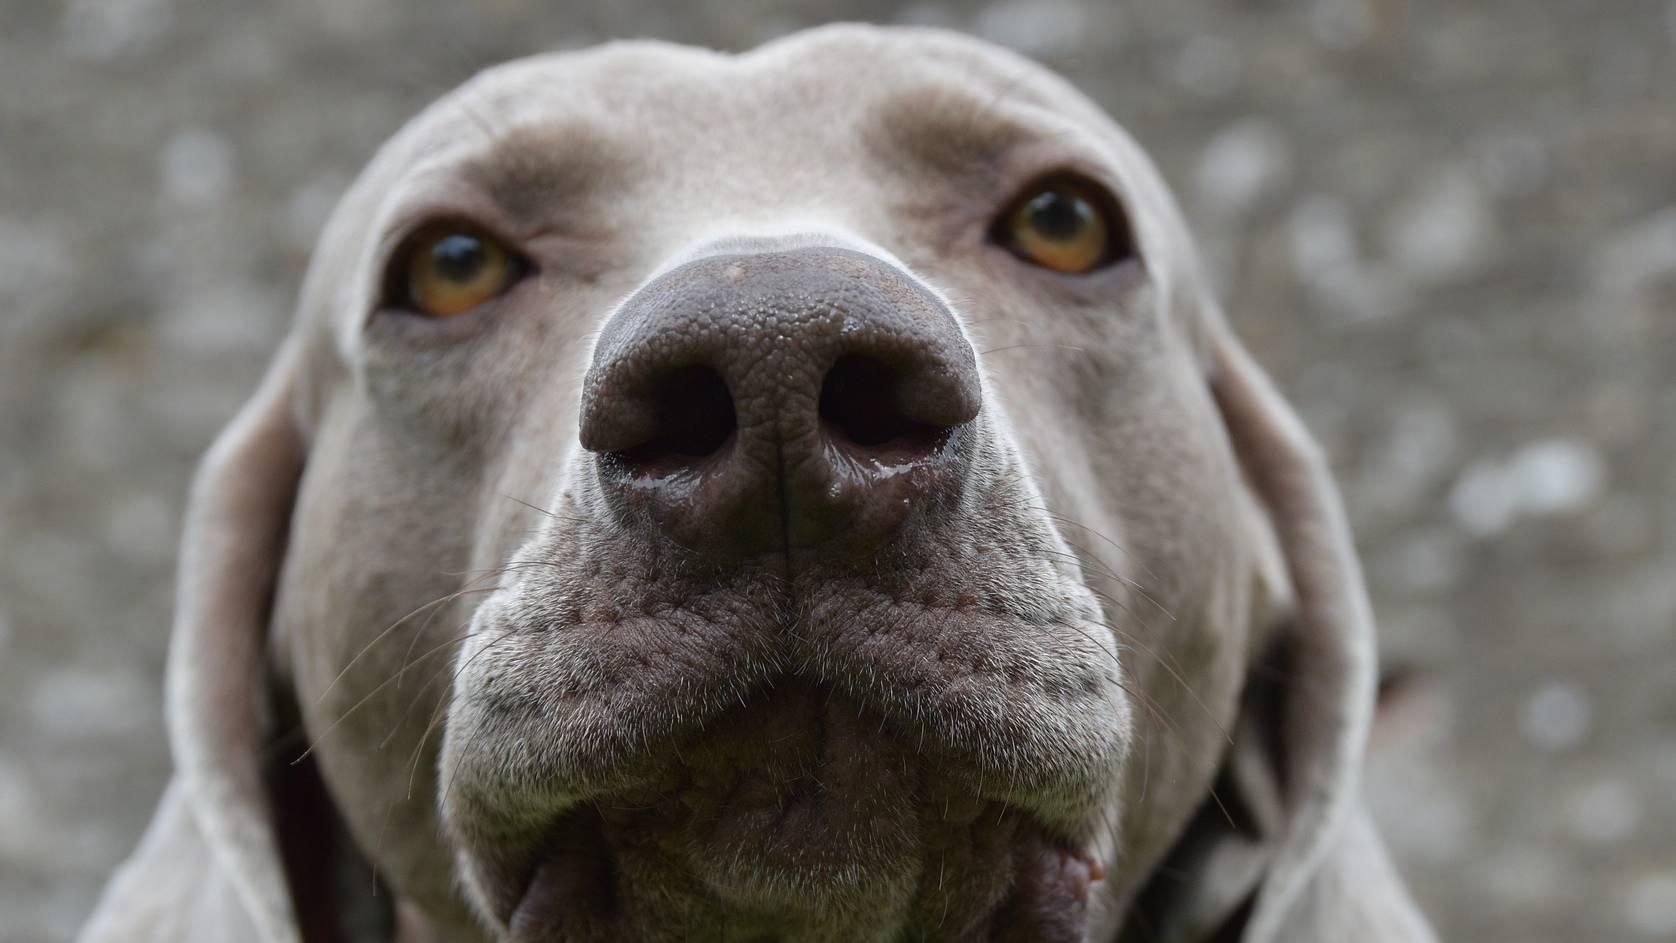 väkivalta ei kuulu koiran kouluttamiseen